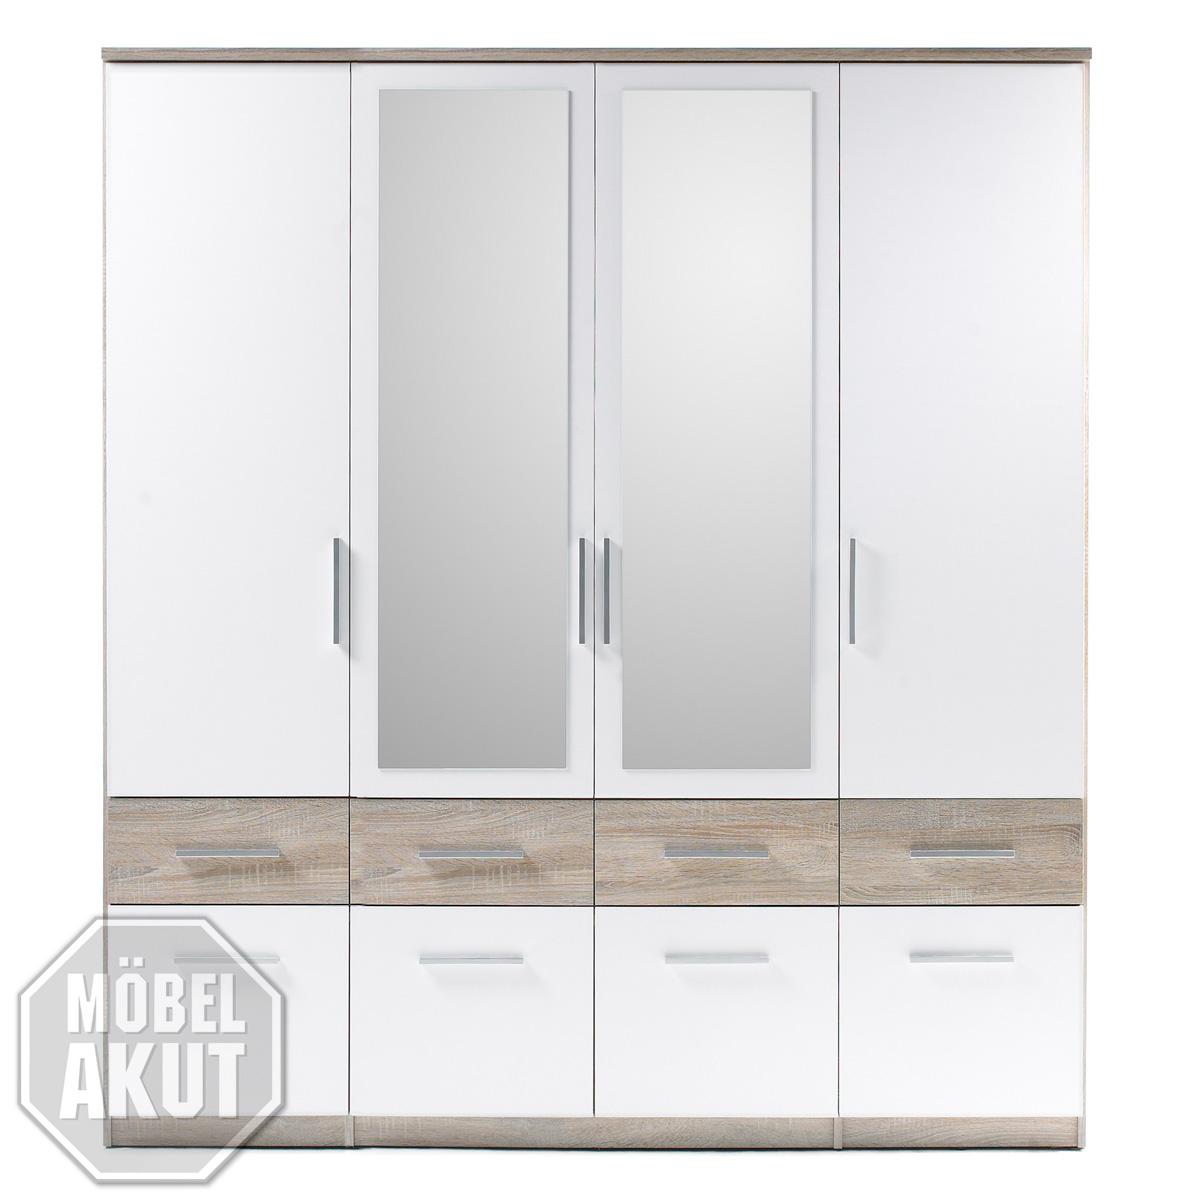 kleiderschrank box 4 schrank schlafzimmerschrank wei sonoma eiche spiegel 180 ebay. Black Bedroom Furniture Sets. Home Design Ideas